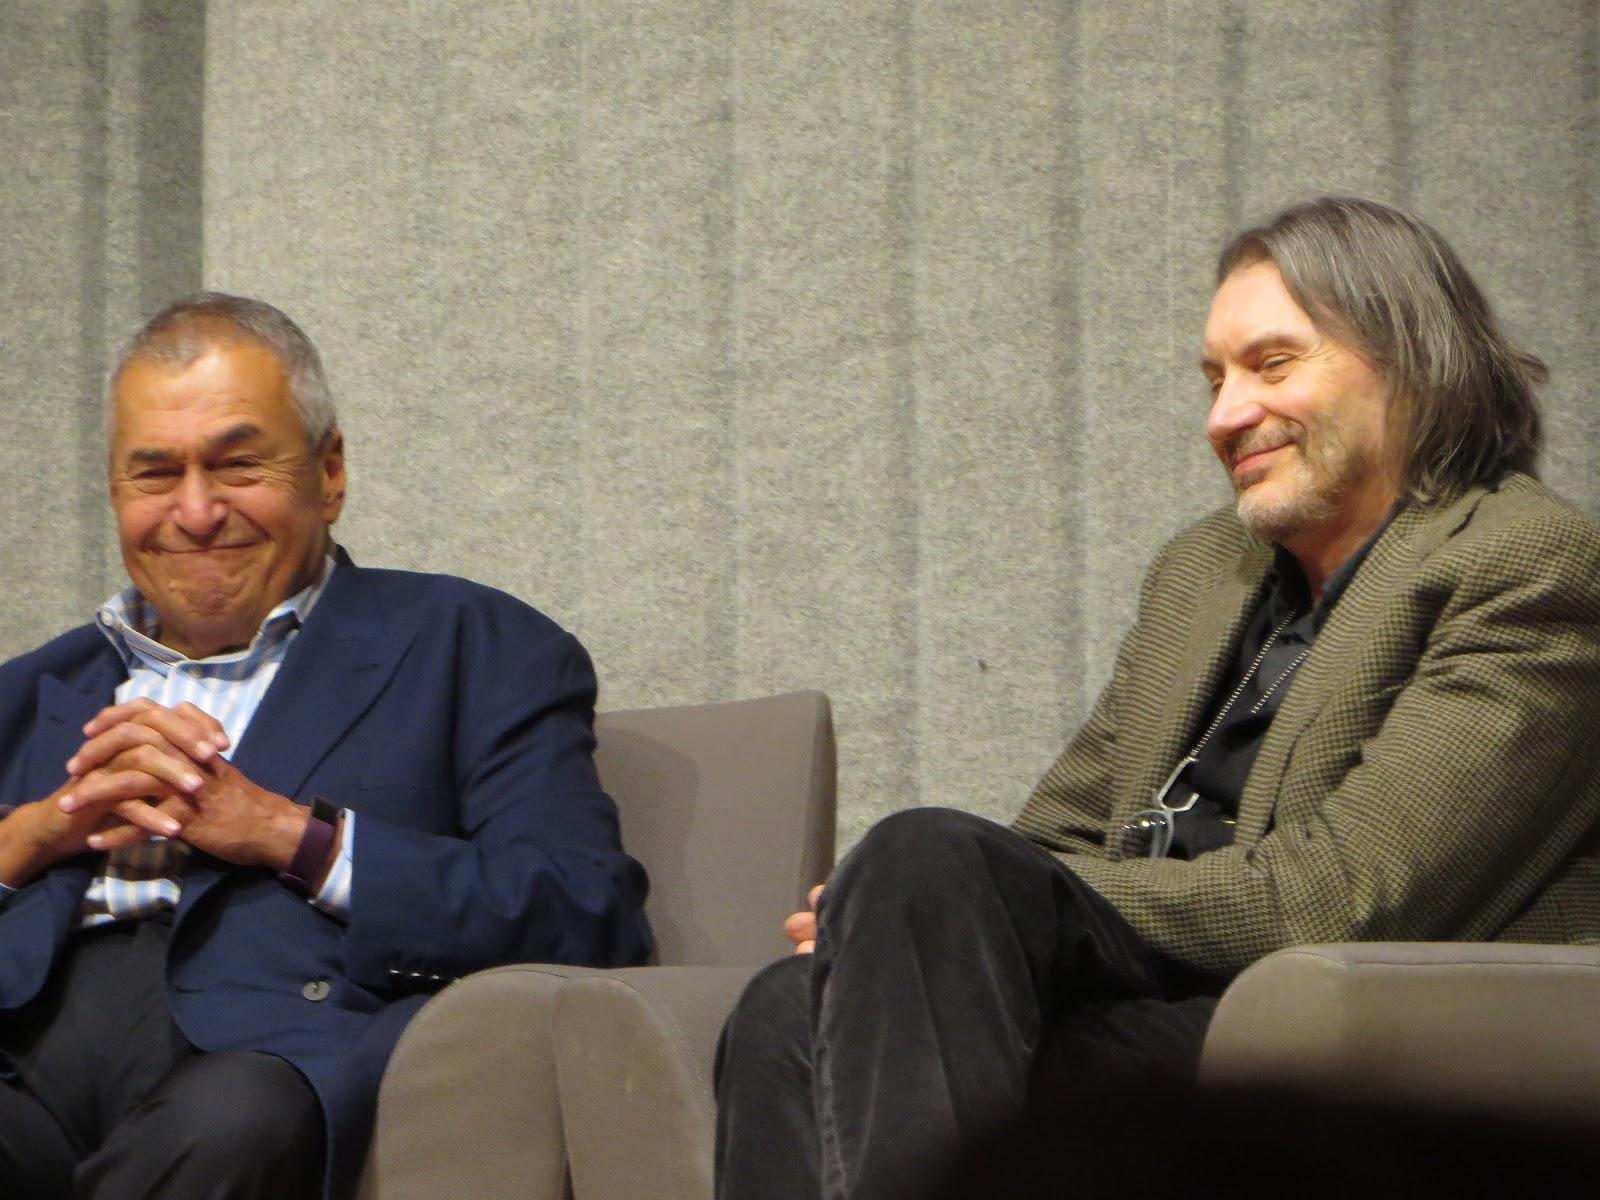 Washington Speaks: Tony Podesta's gifts to the Katzen